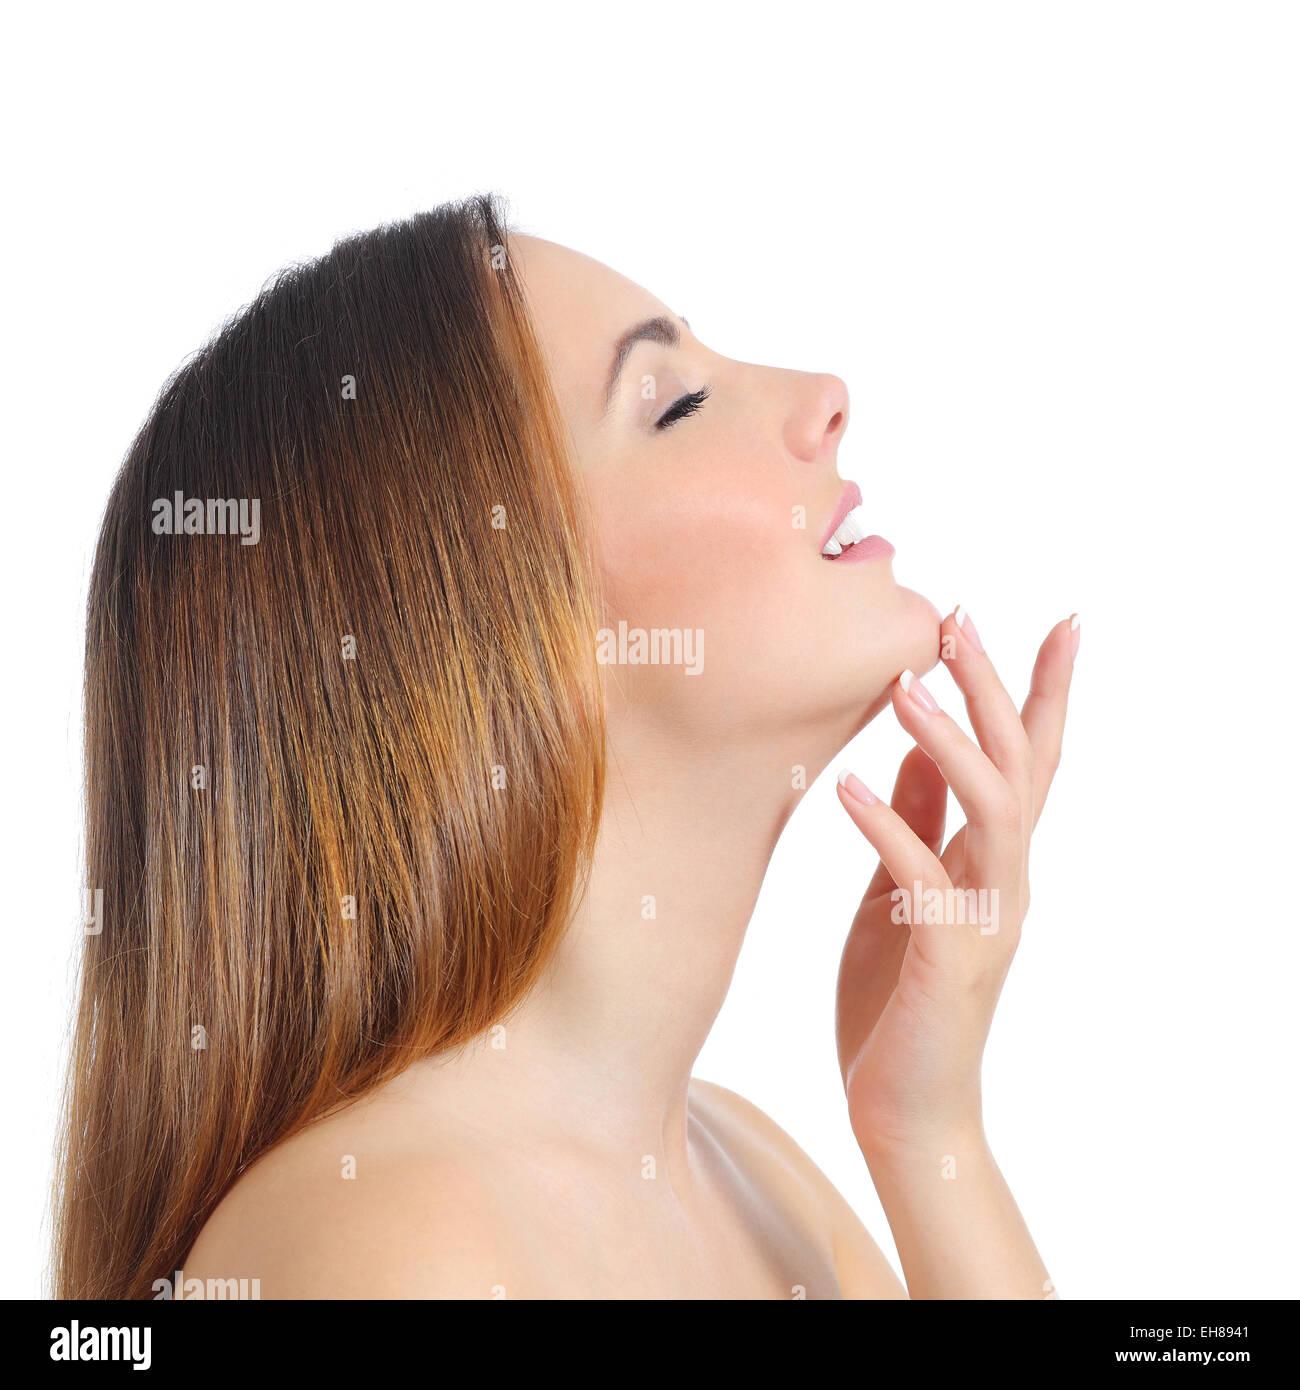 profilo di una donna di bellezza la pelle del viso e la mano manicure isolato su uno sfondo bianco